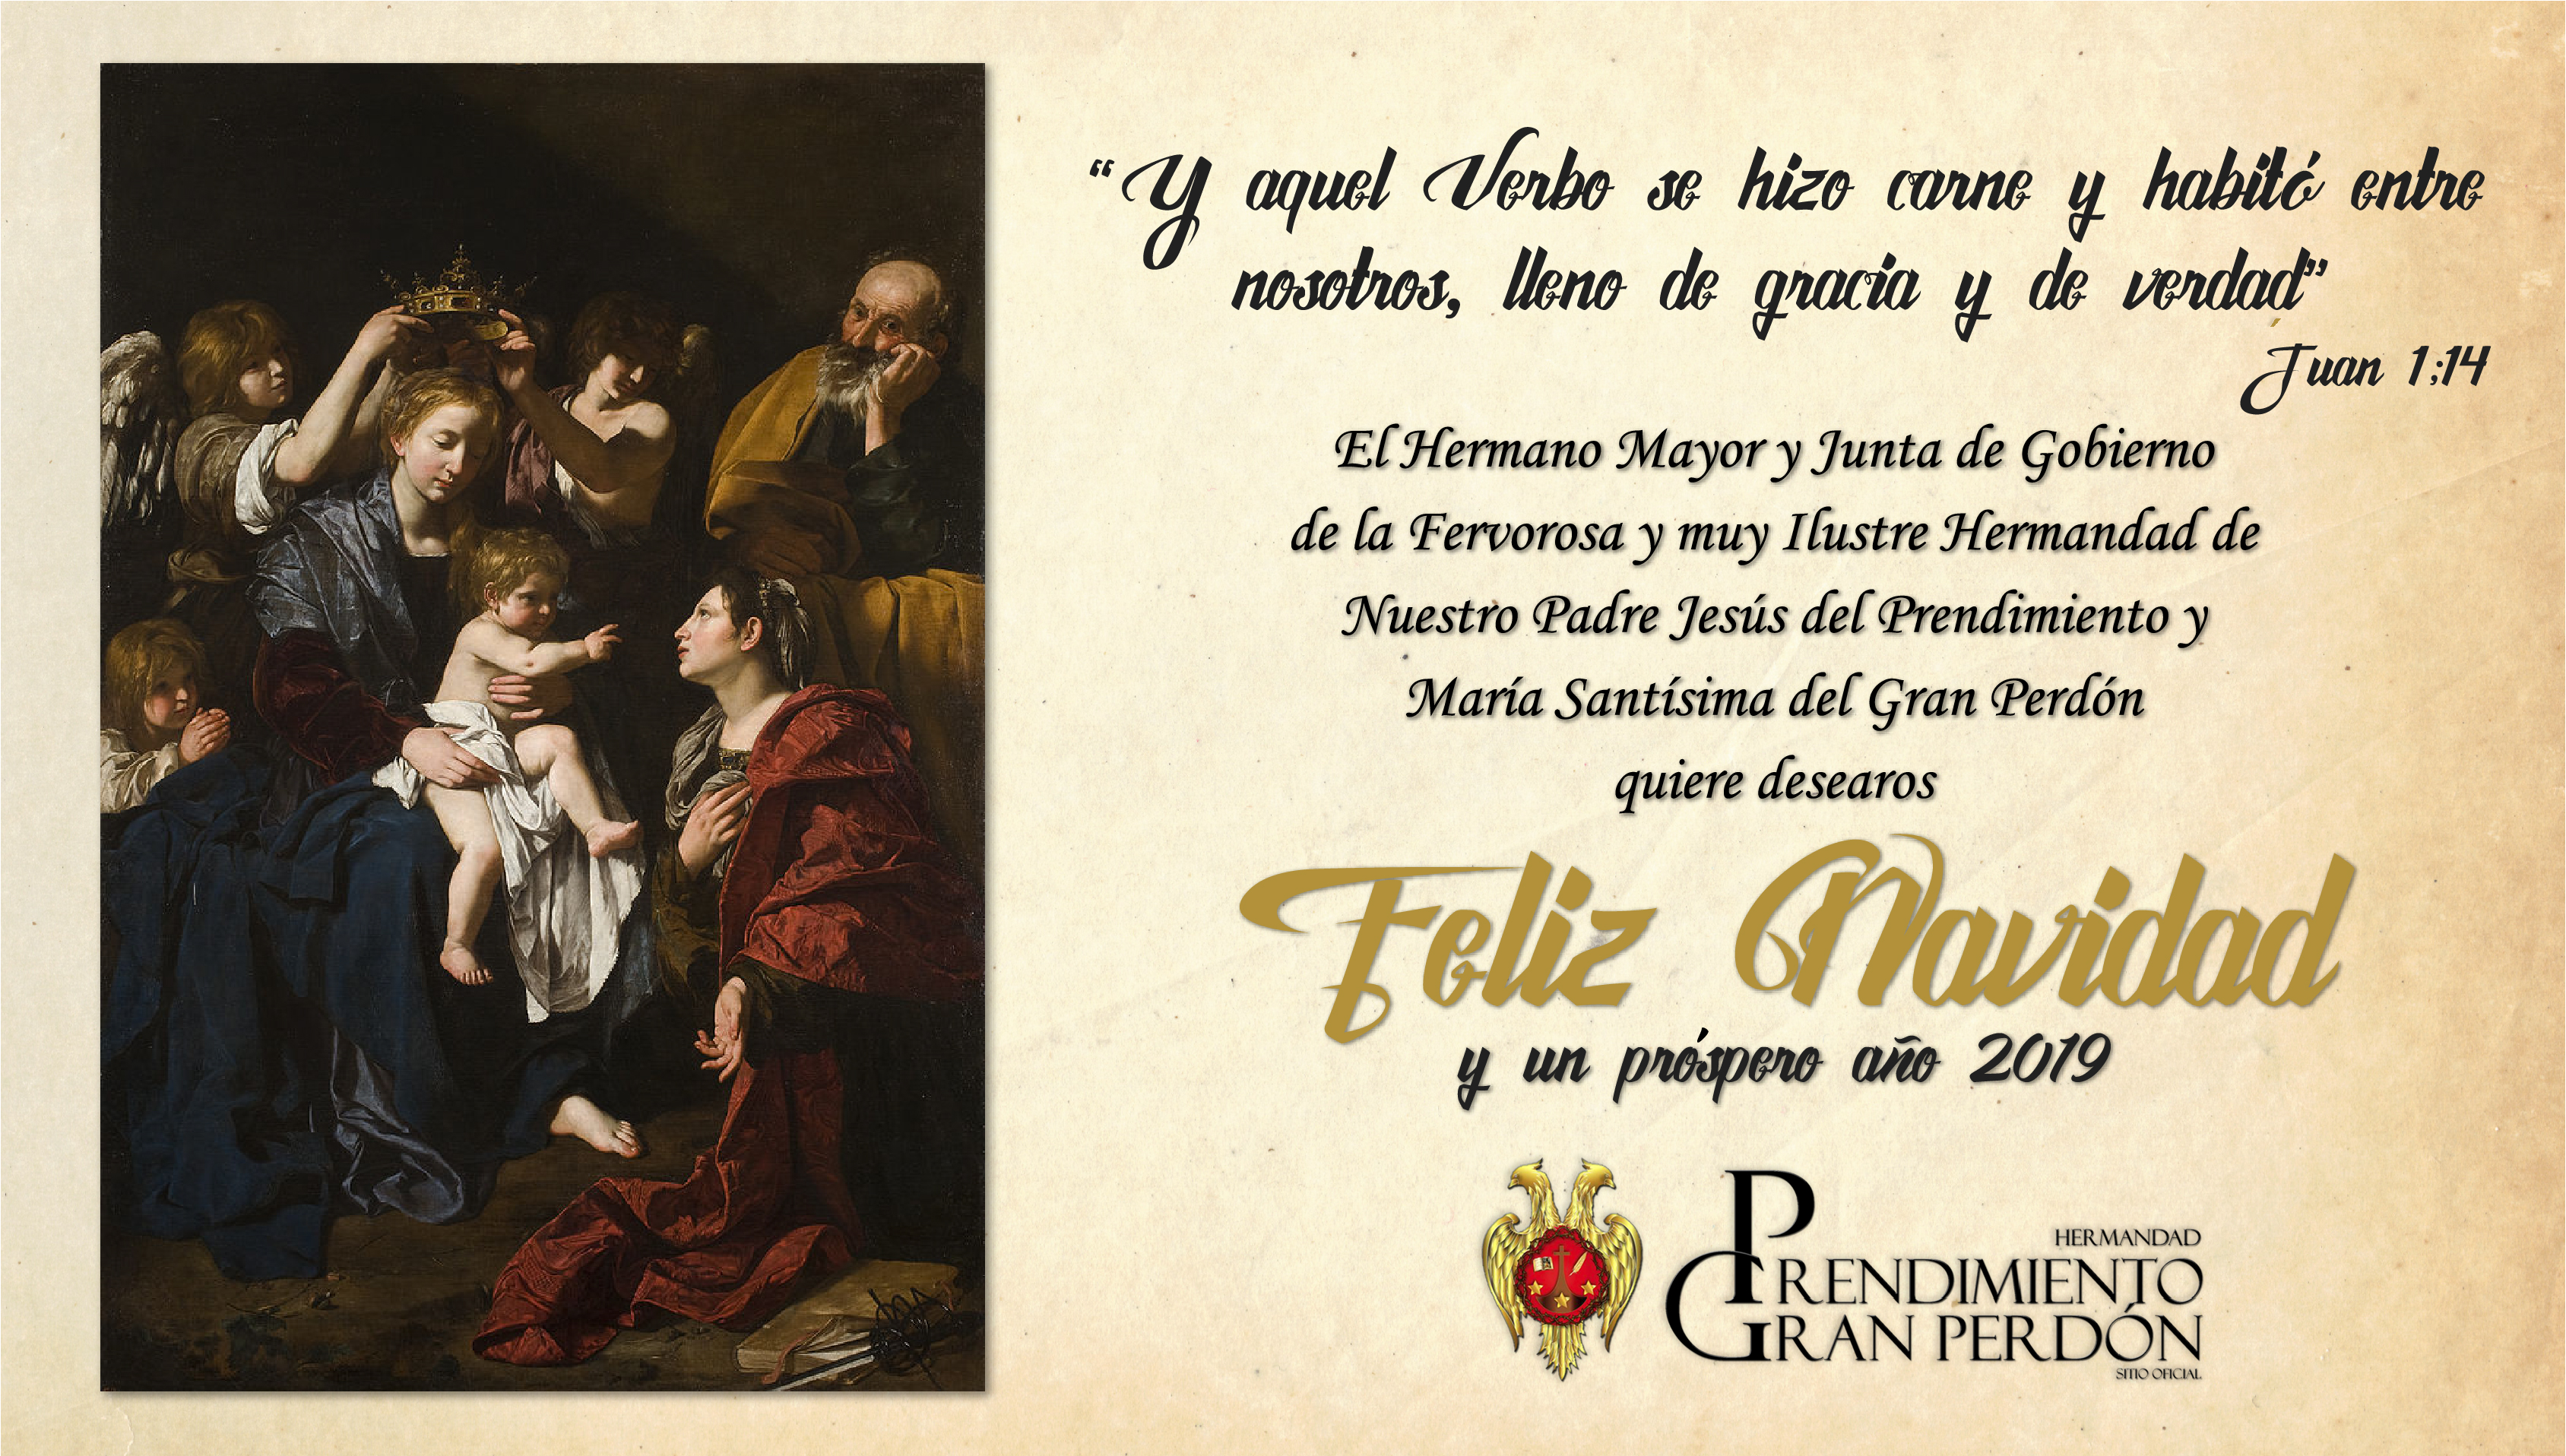 Imagenes Felicitacion Navidad 2019.Felicitacion De Navidad